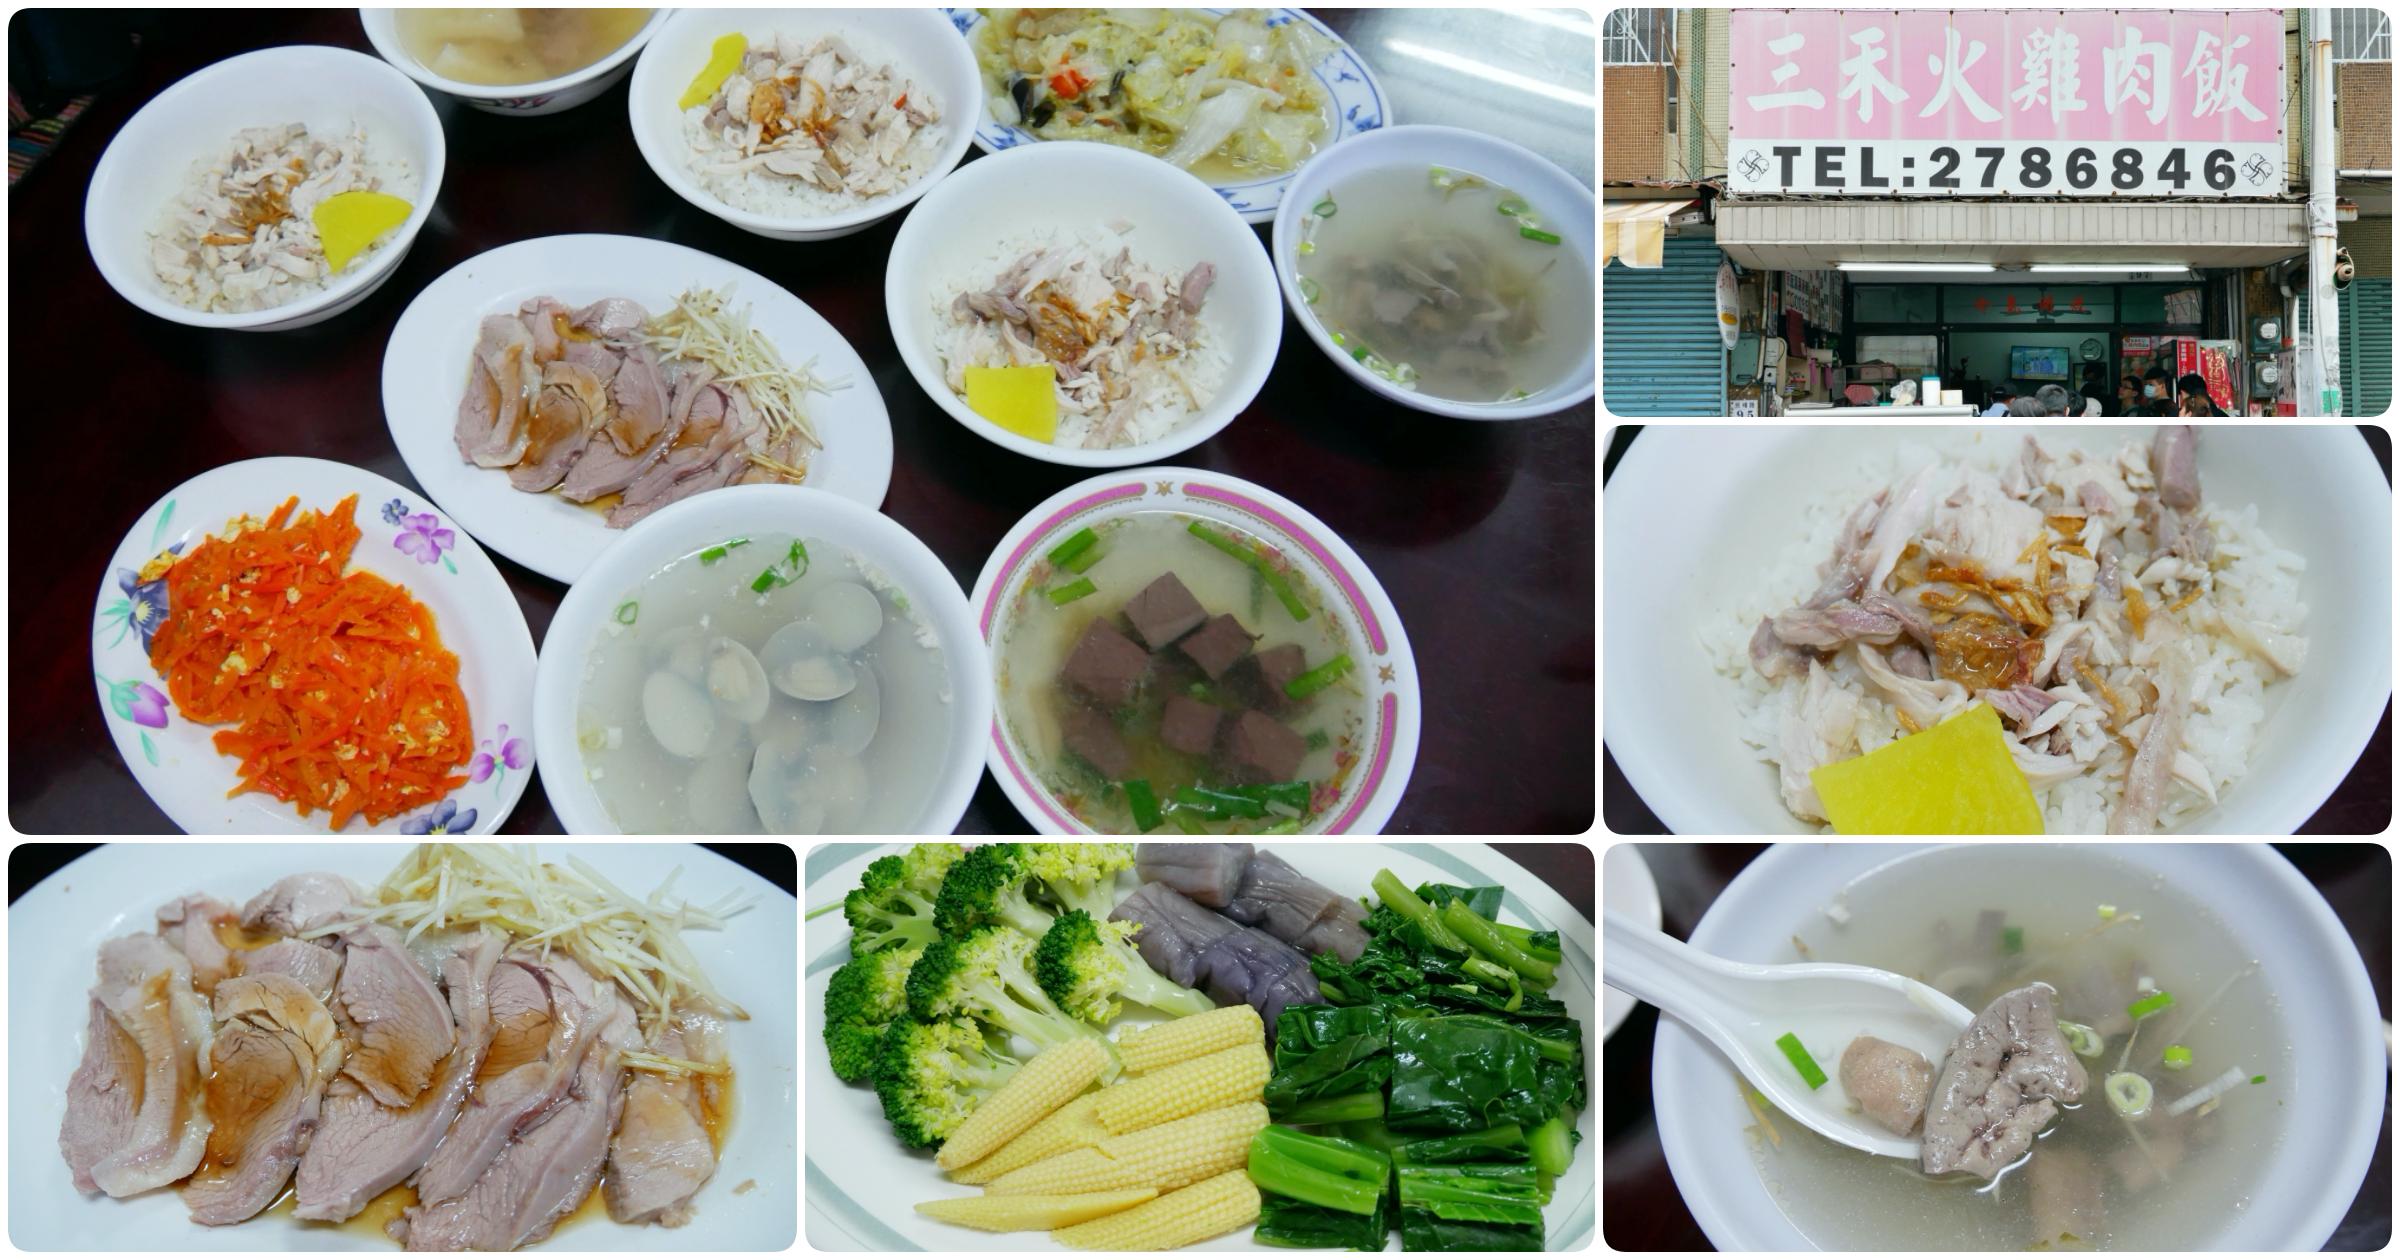 最新推播訊息:[嘉義美食]桃城三禾火雞肉飯|東區生意火紅的排隊銅板小吃~小菜湯品點滿桌